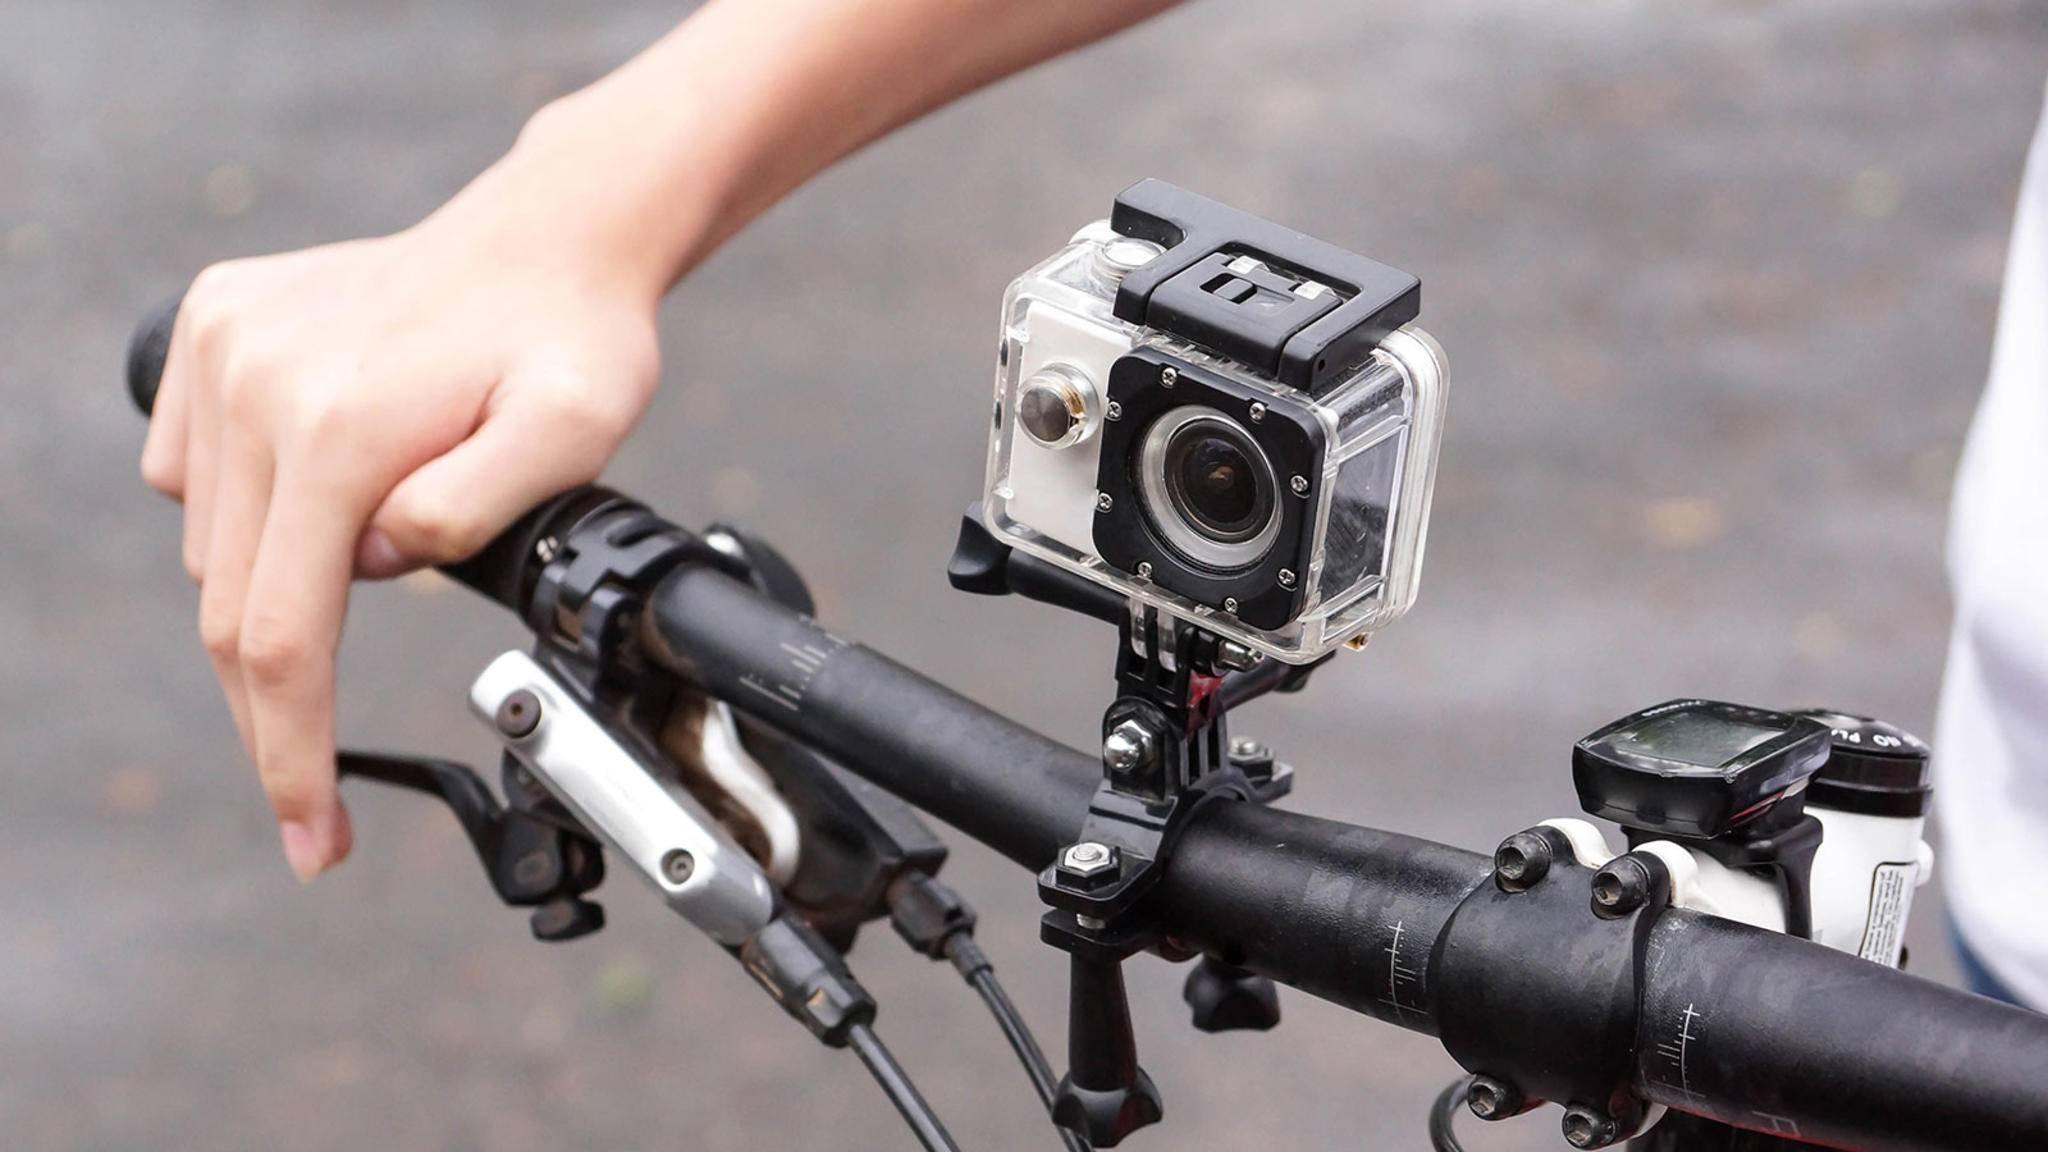 Action-Cam am Fahrradlenker